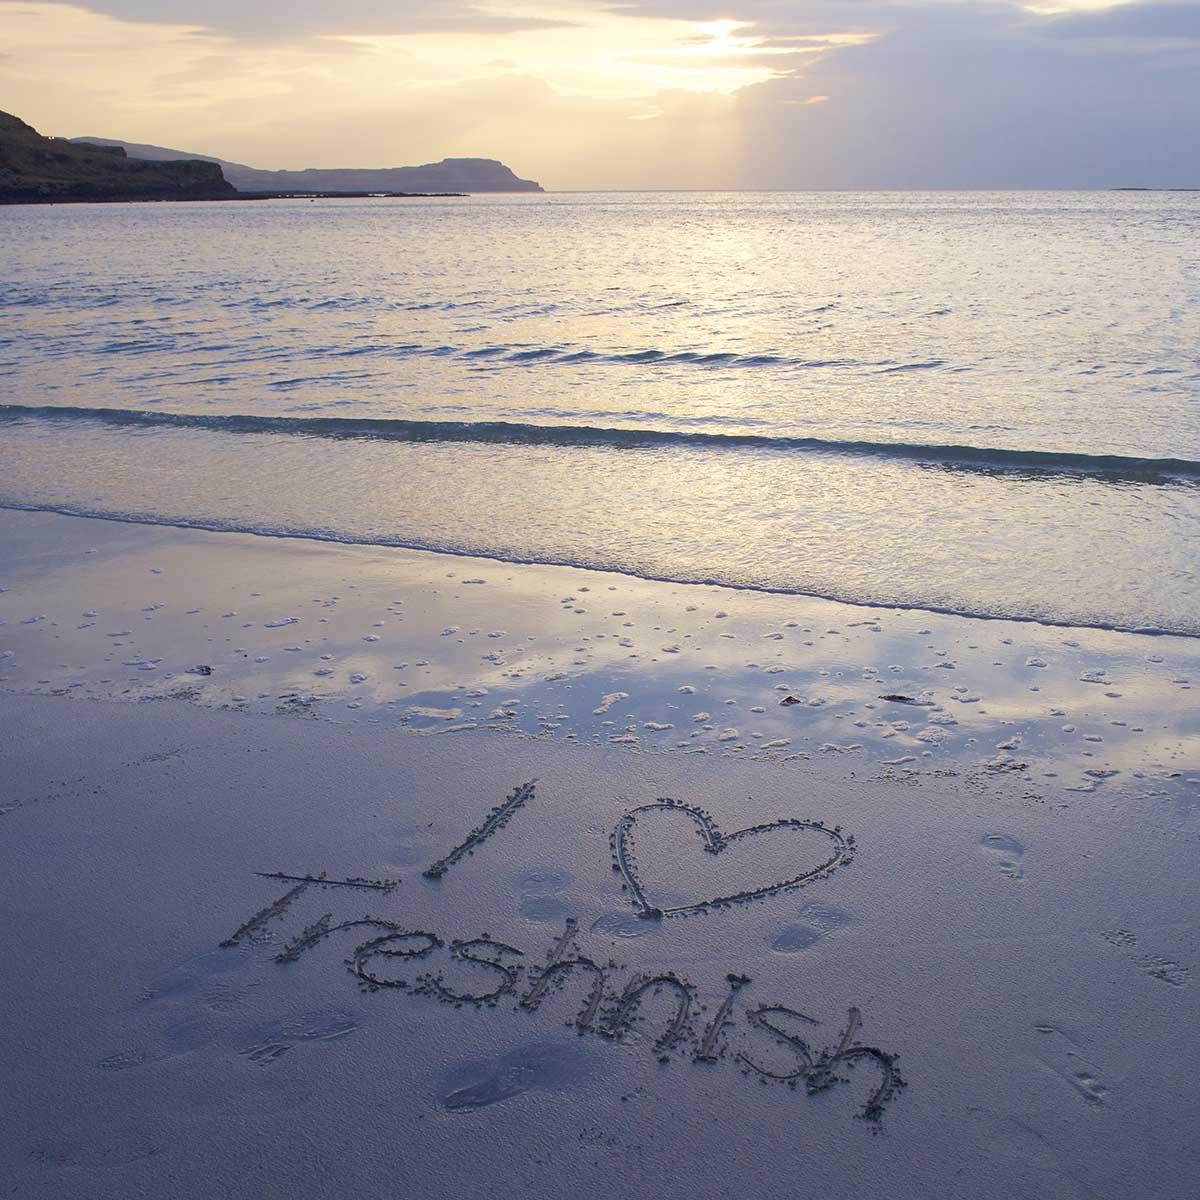 Treshnish, Mull, self-catering, beach time in September